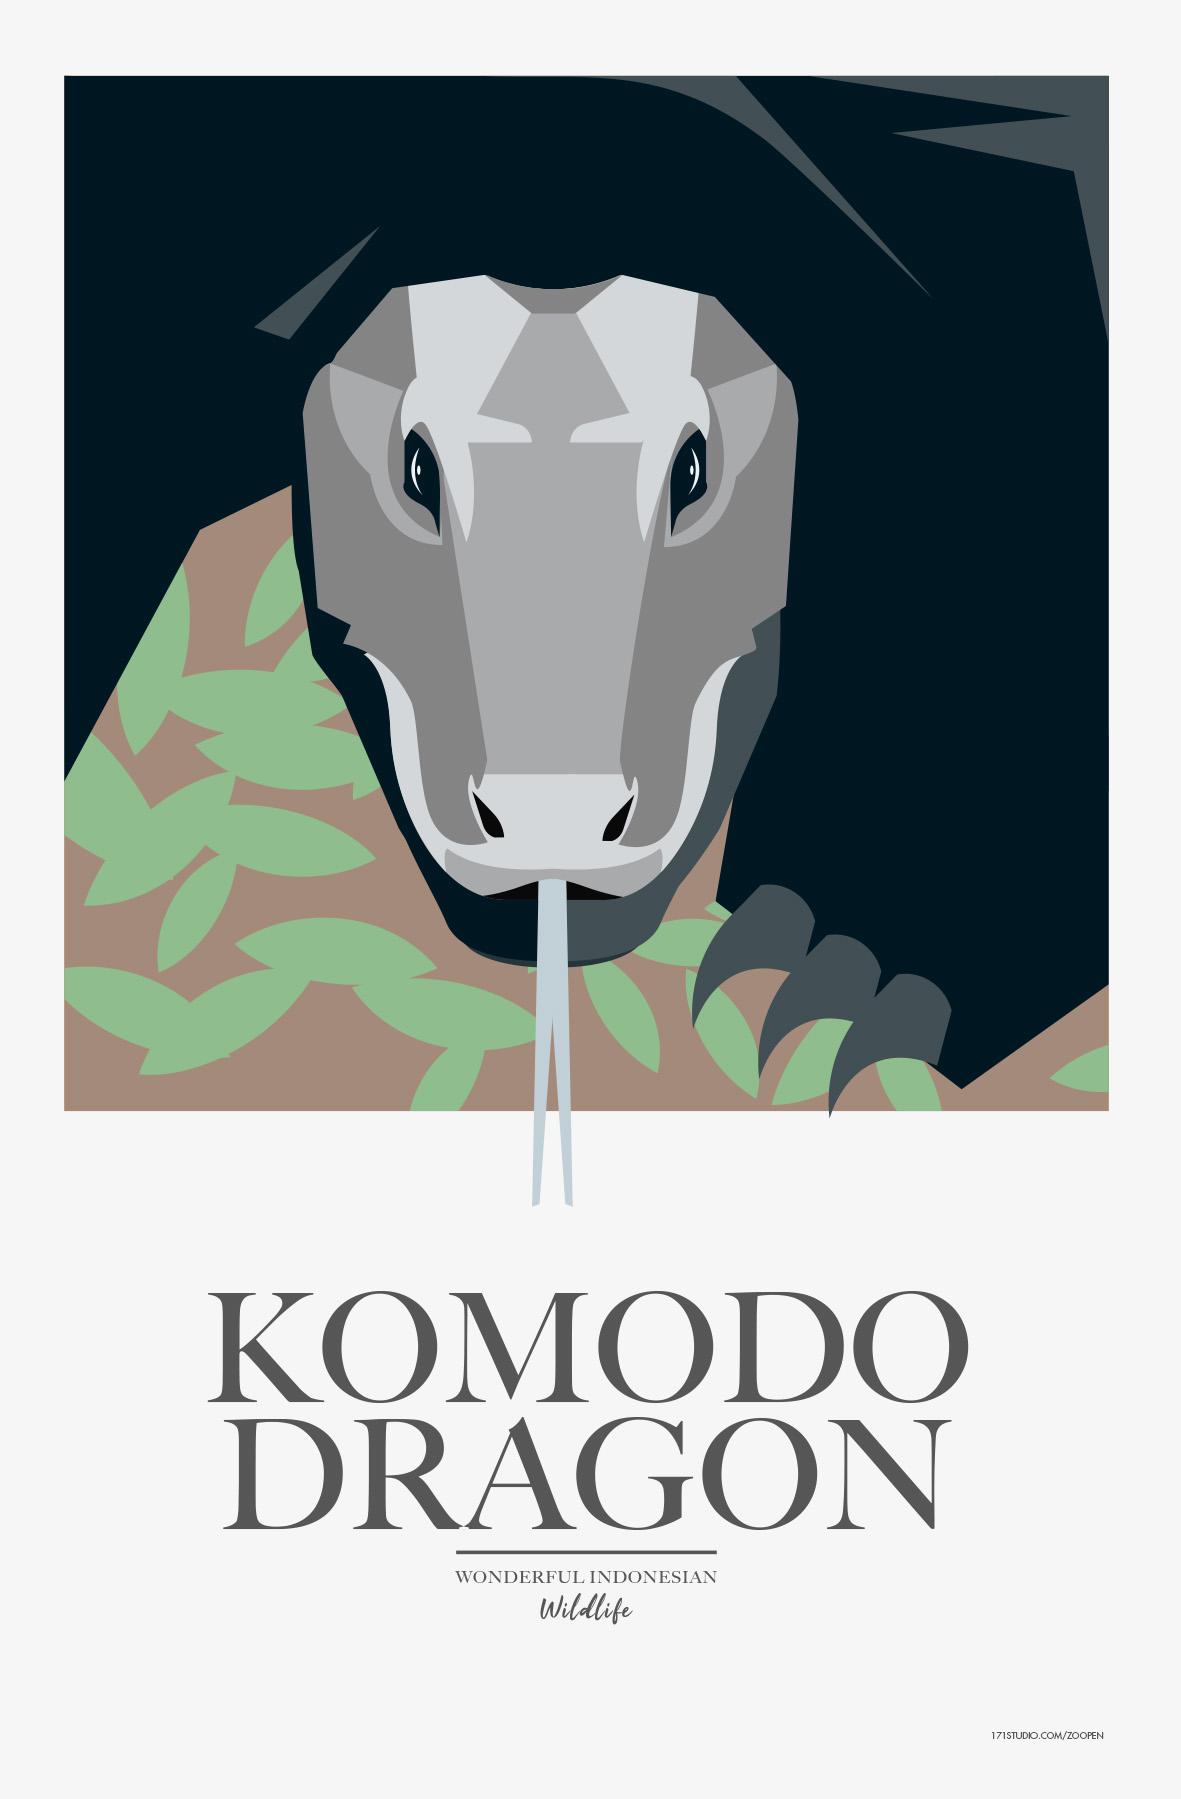 KomodoDragon171studiomathieusechet